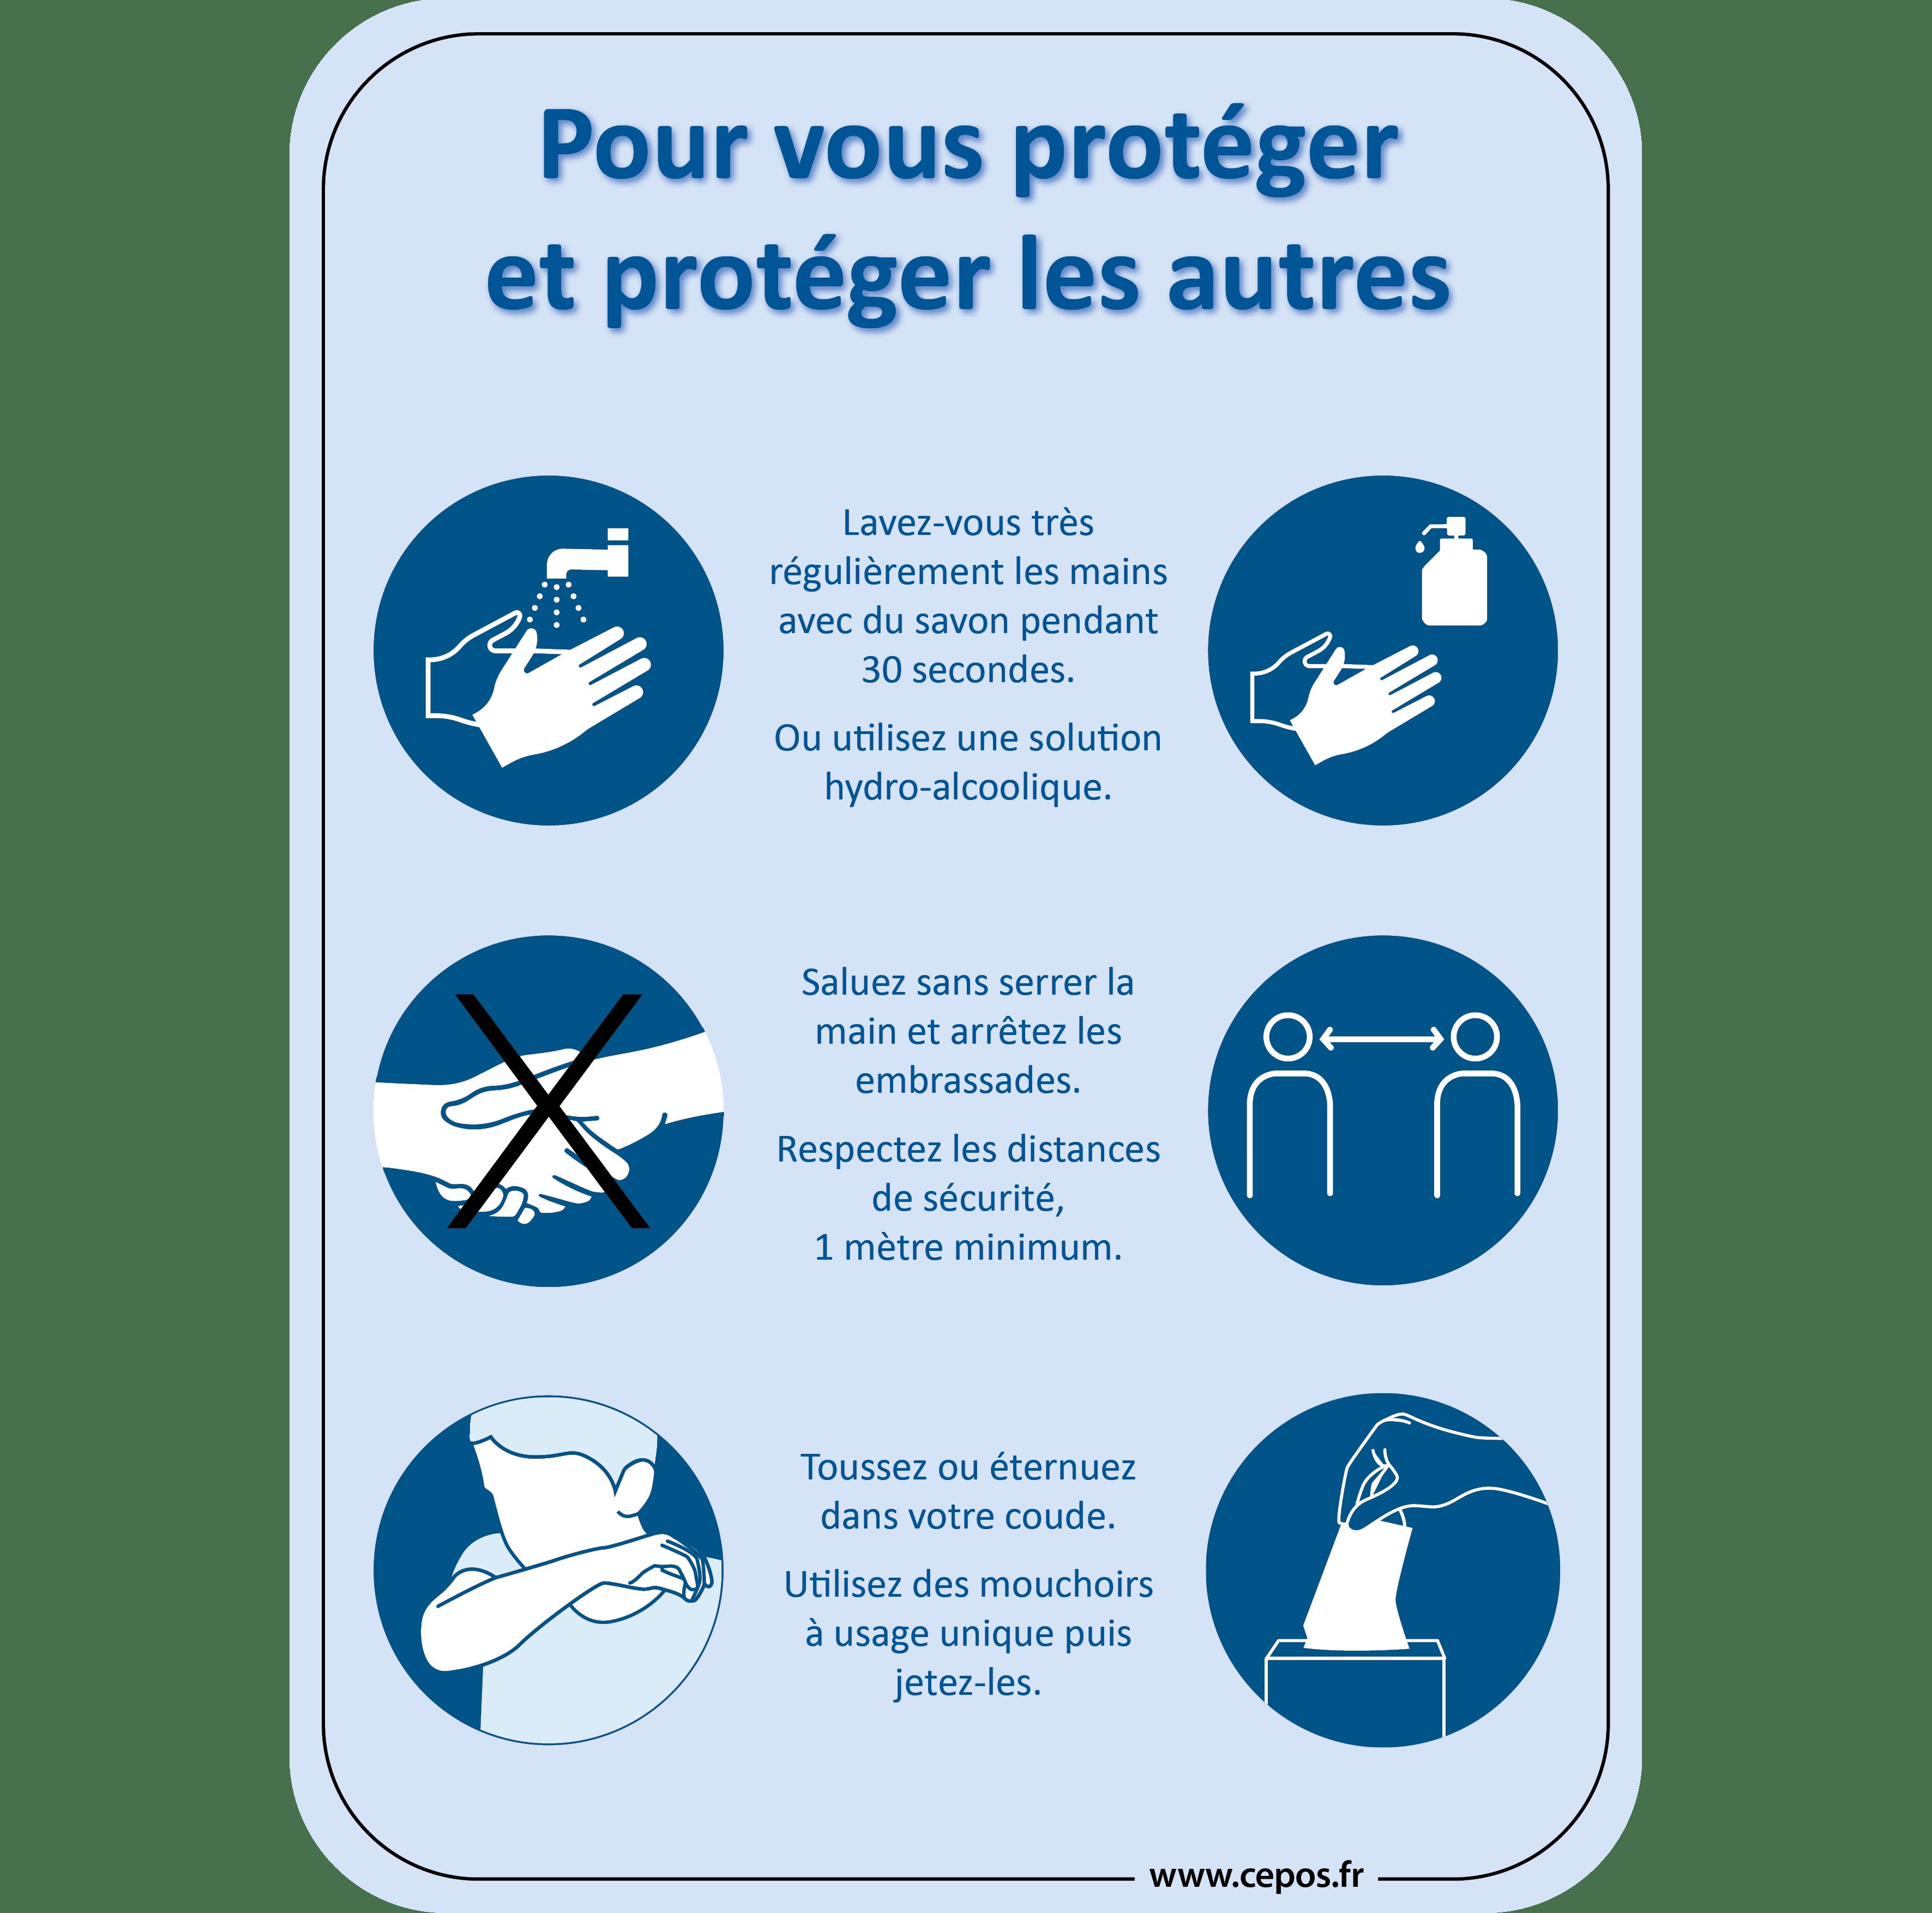 CEP Sticker mural Affiche A Les gestes barrières 7010-100 FR